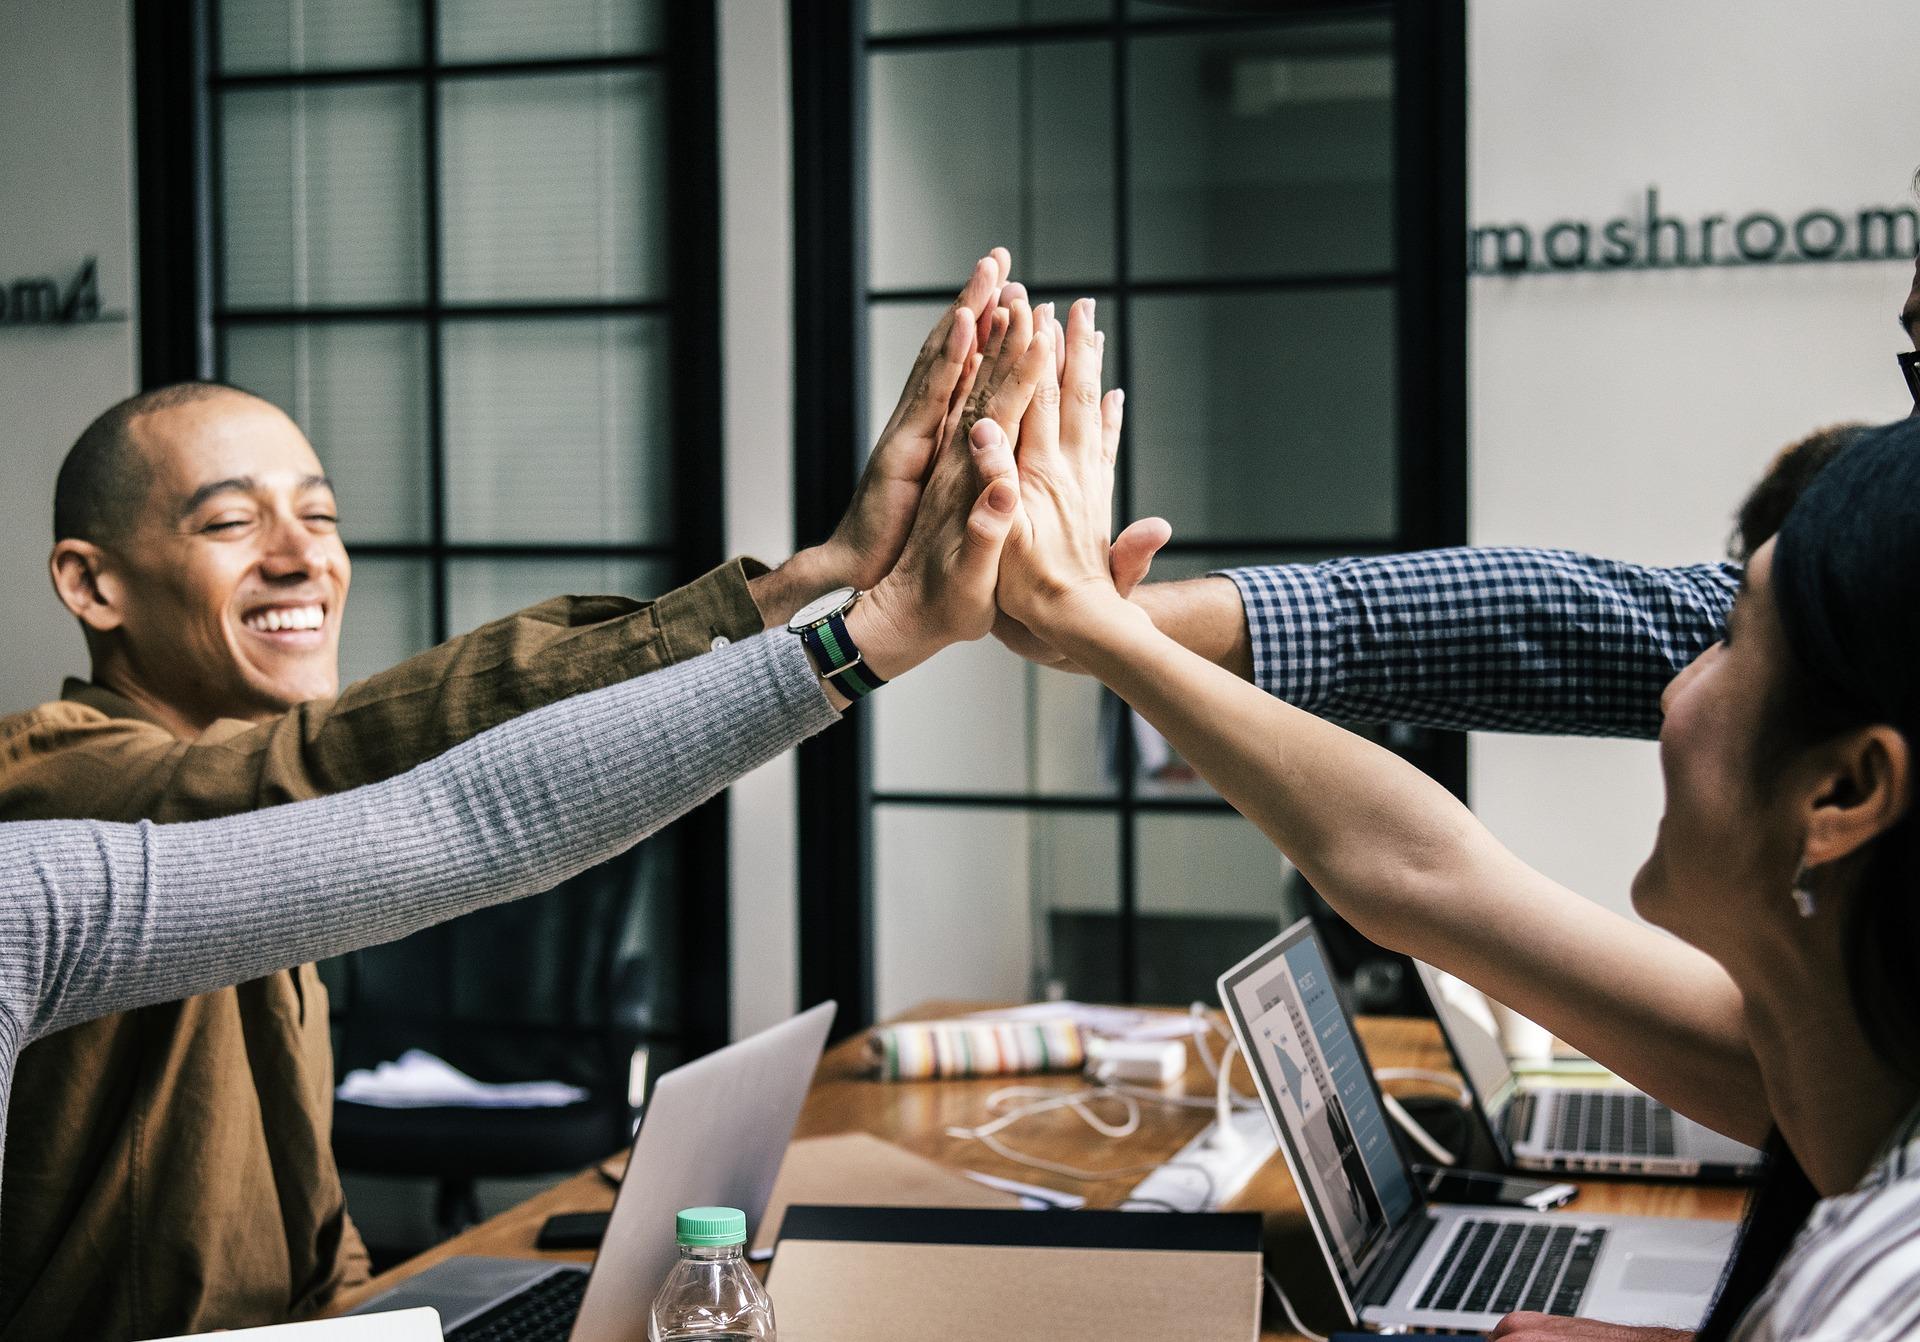 10-corporate-team-building-training-case-studies-1